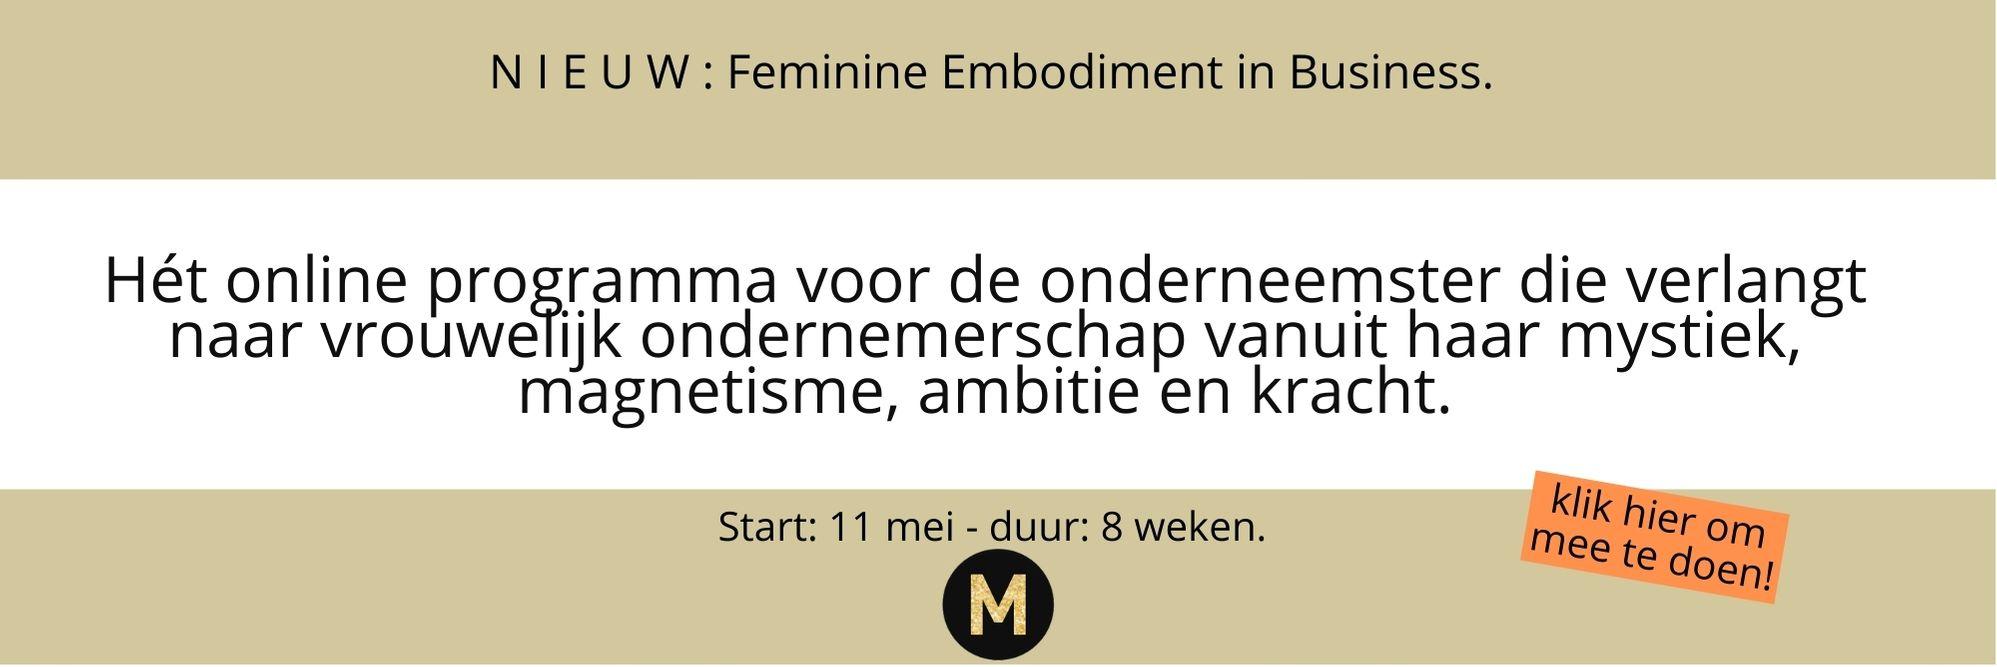 Feminine embodiment in business programma Maike